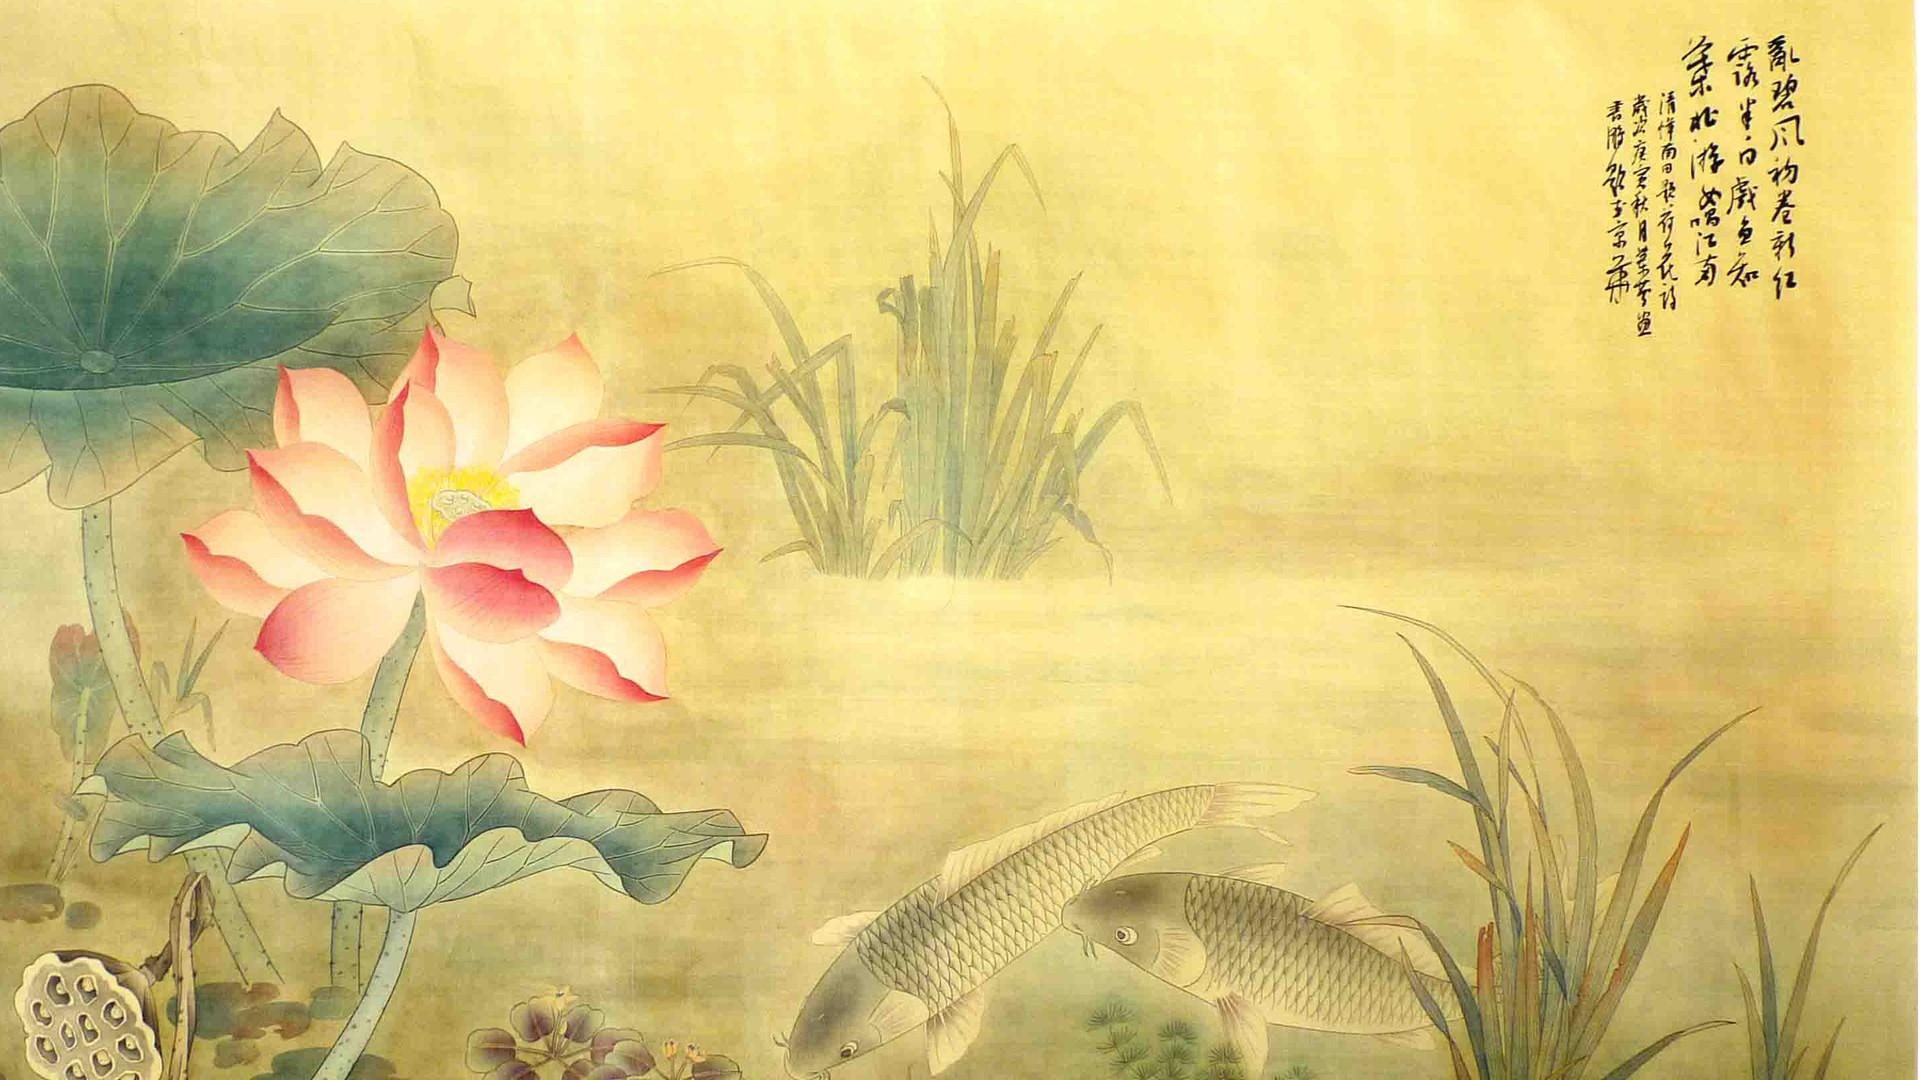 荷花国画桌面壁纸图片